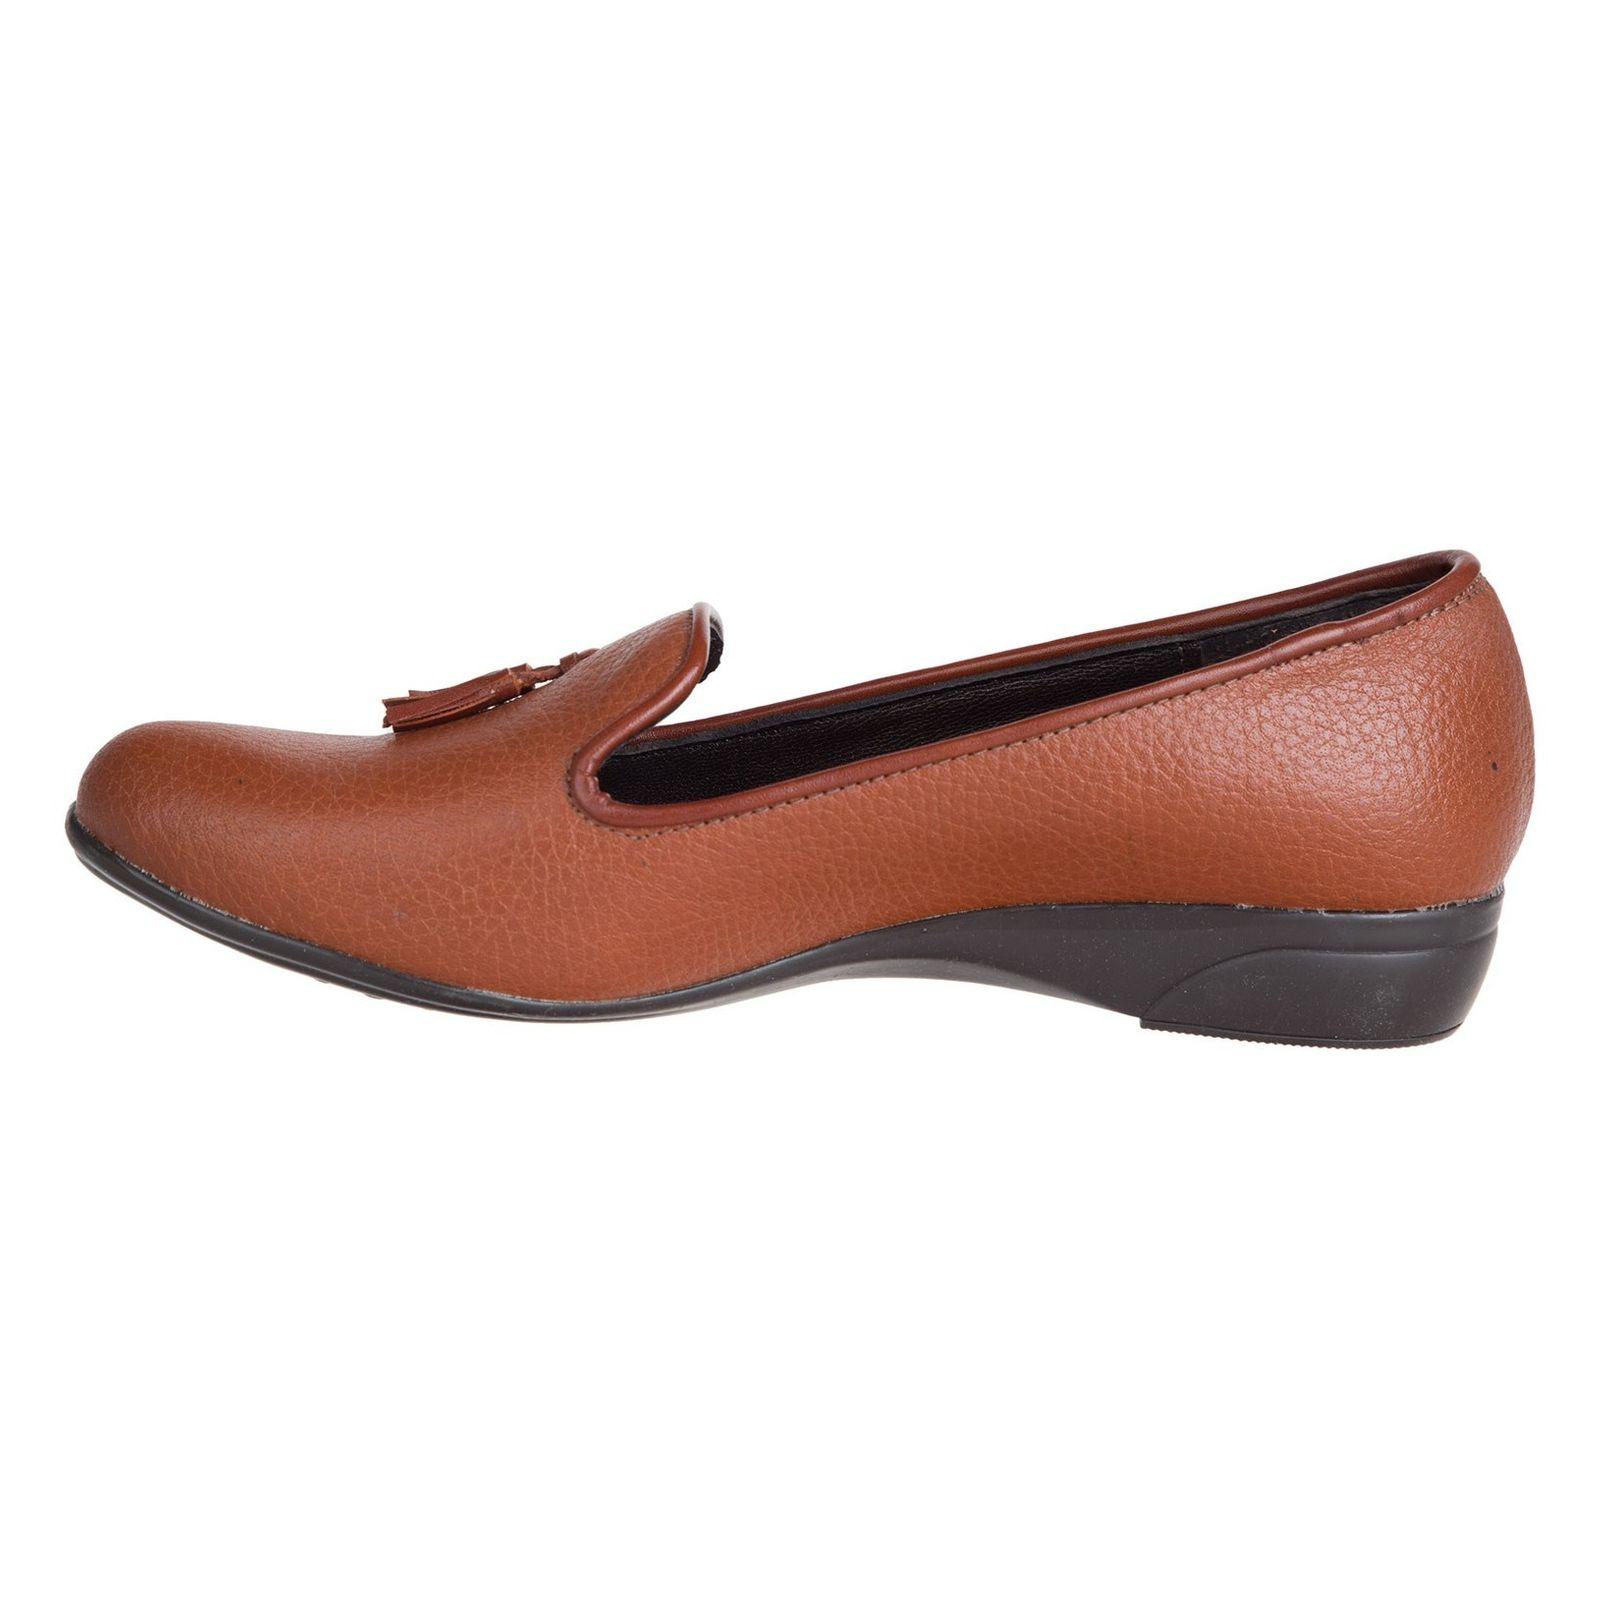 کفش تخت چرم زنانه - شیفر - عسلی - 3